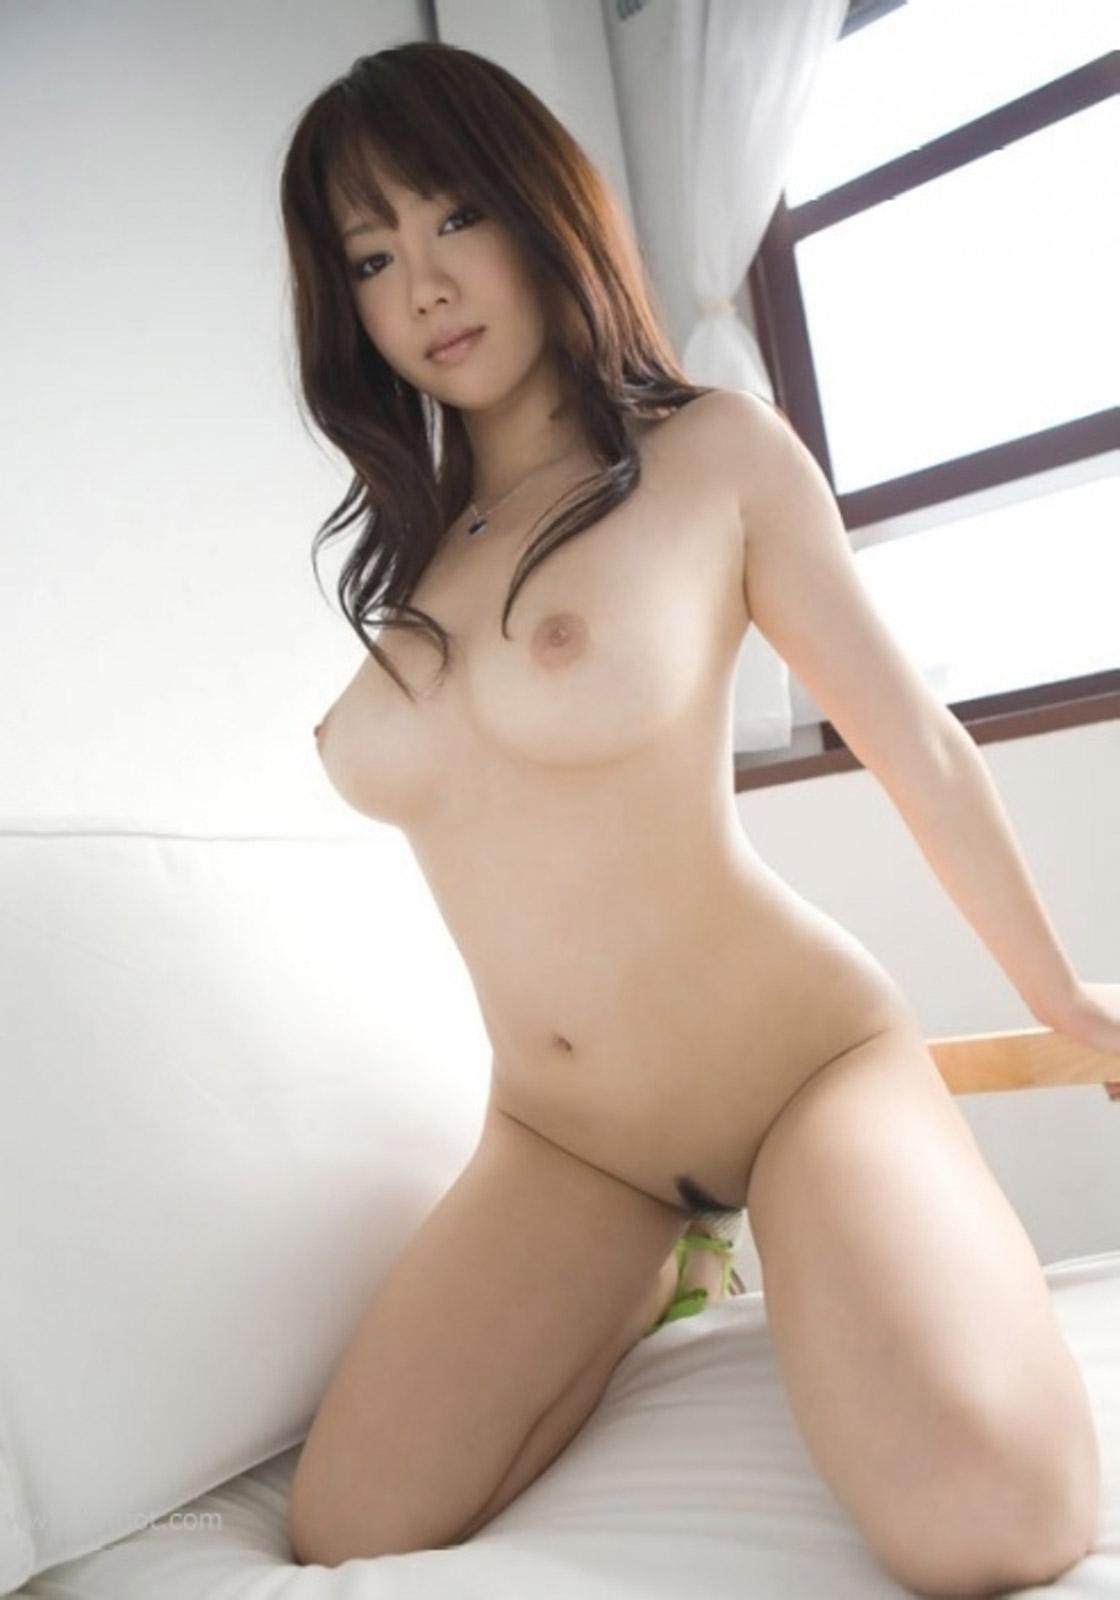 【おっぱい】安定と信頼の全裸ヌードから抜けるおっぱいだけを厳選してみた!【35枚】 05